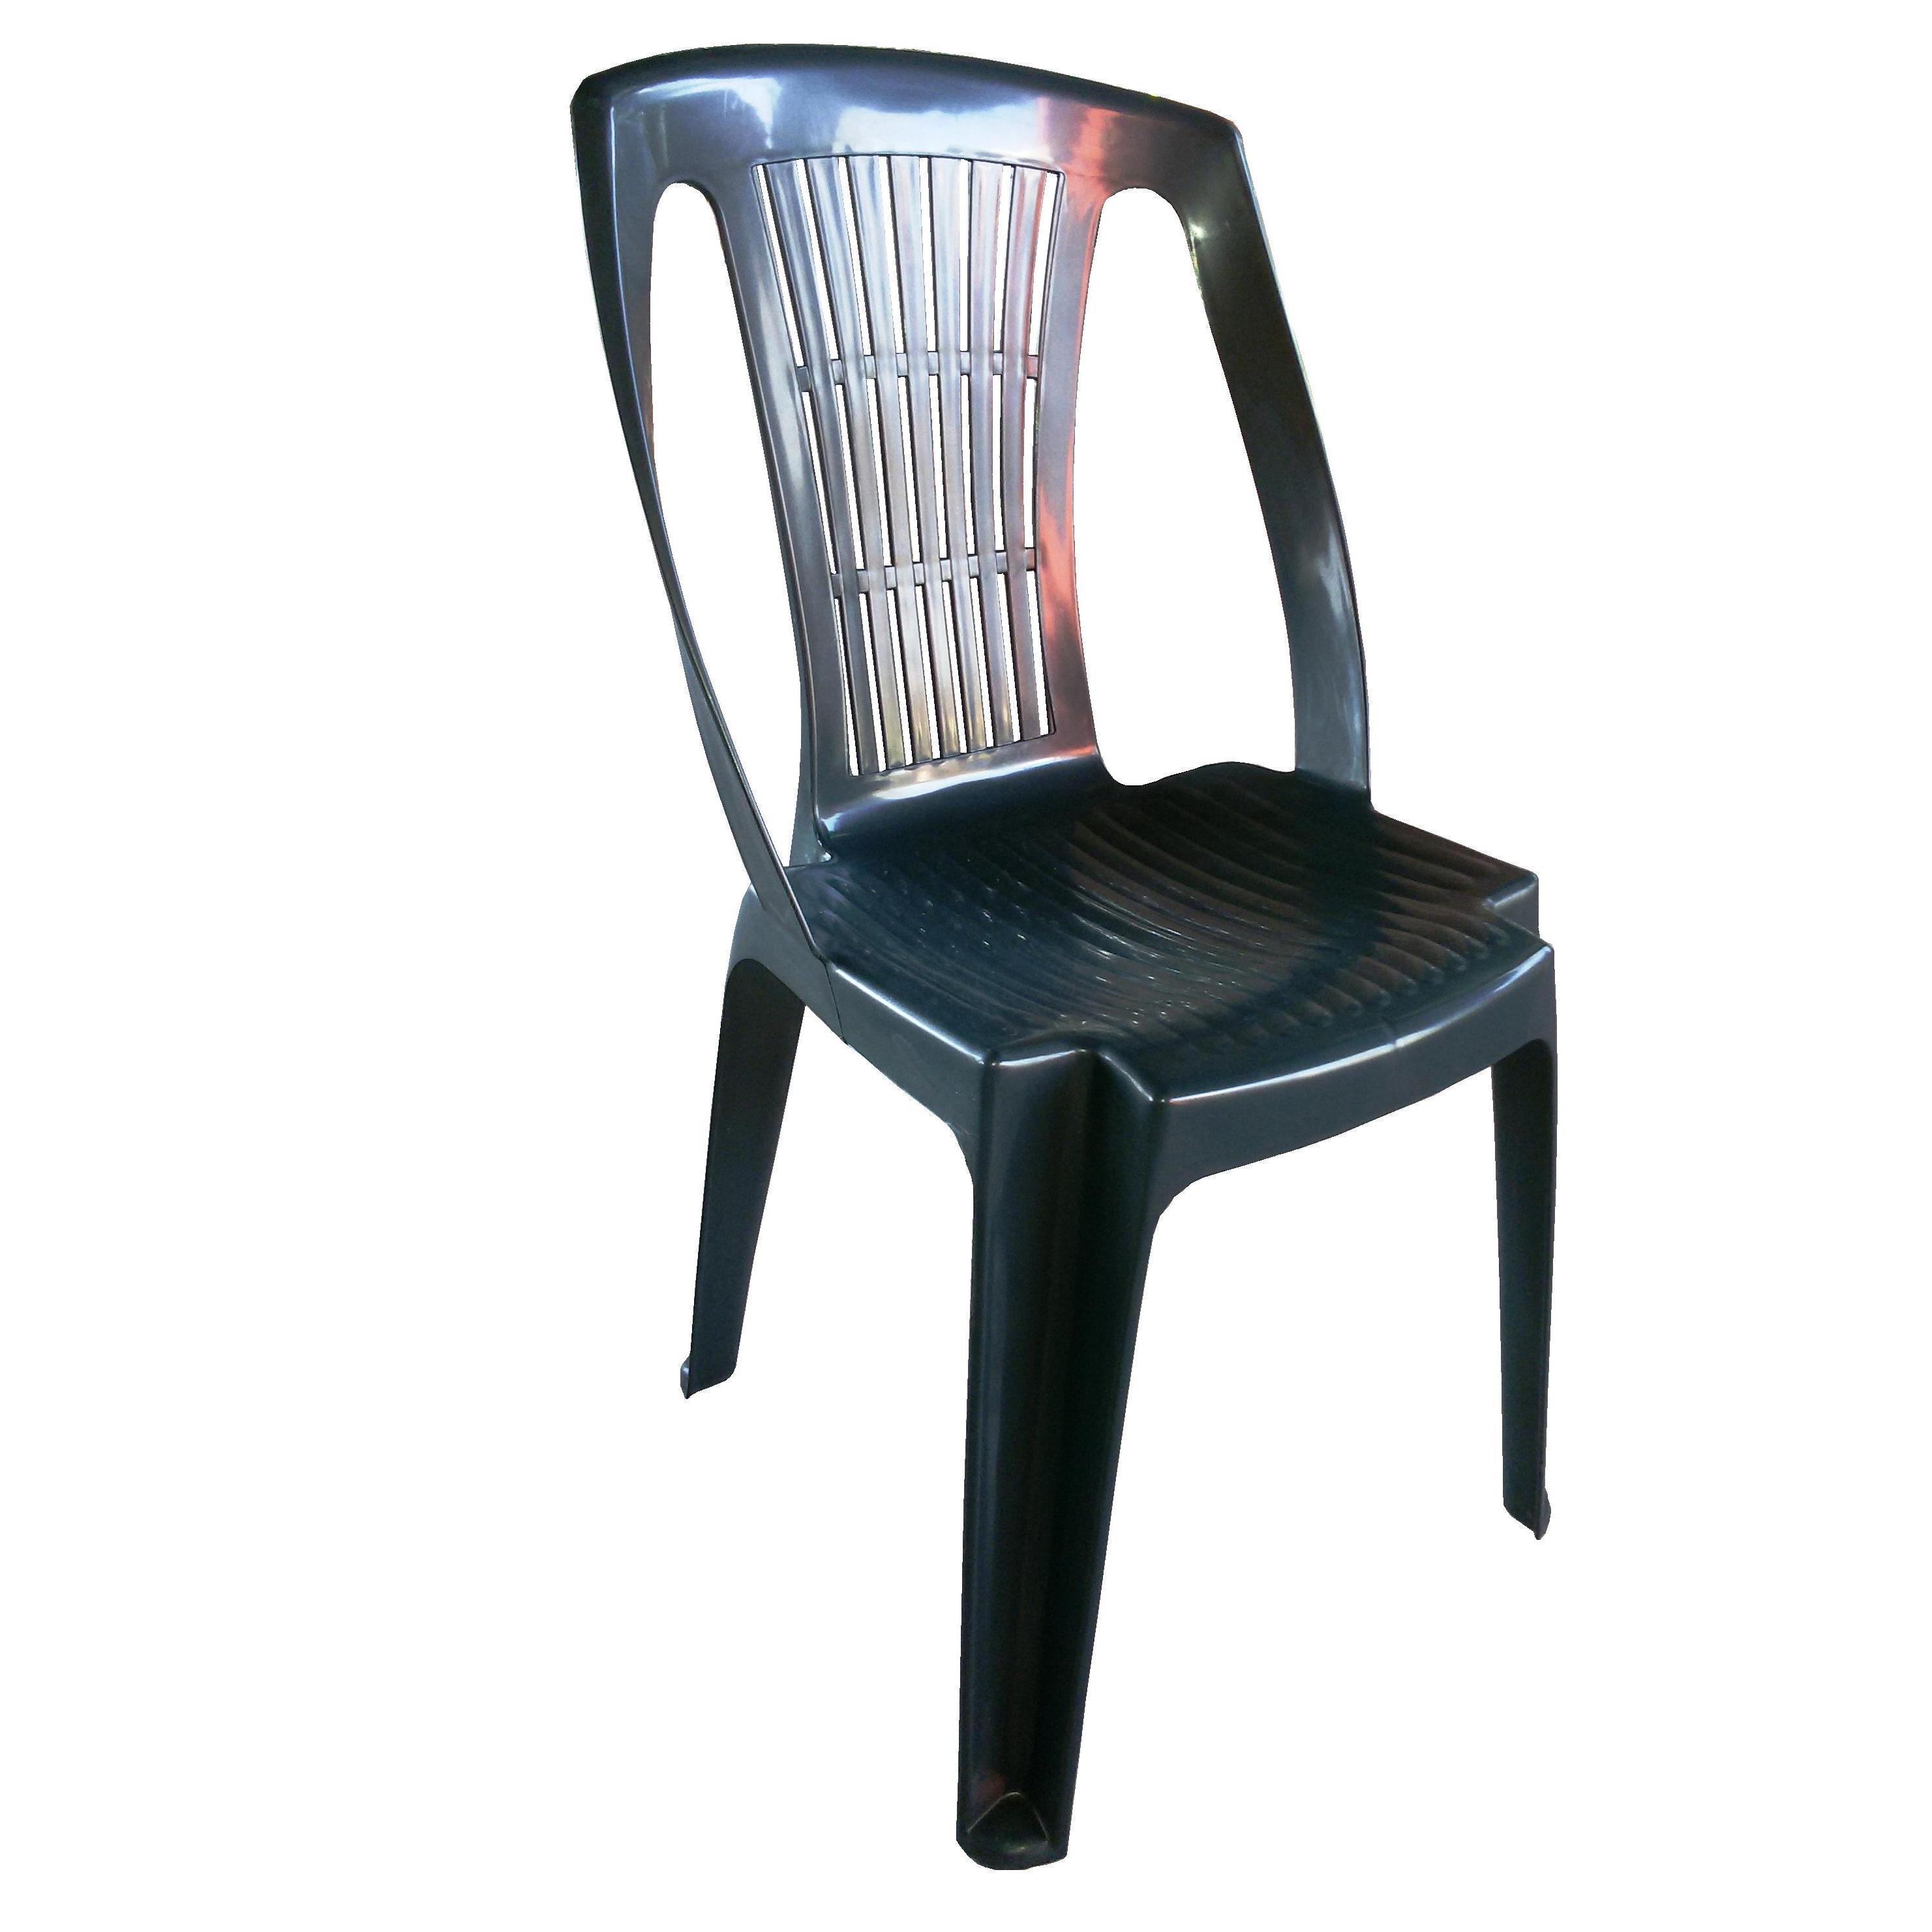 Sedia in plastica giardino senza braccioli colore verde - Sedie da giardino in plastica ...